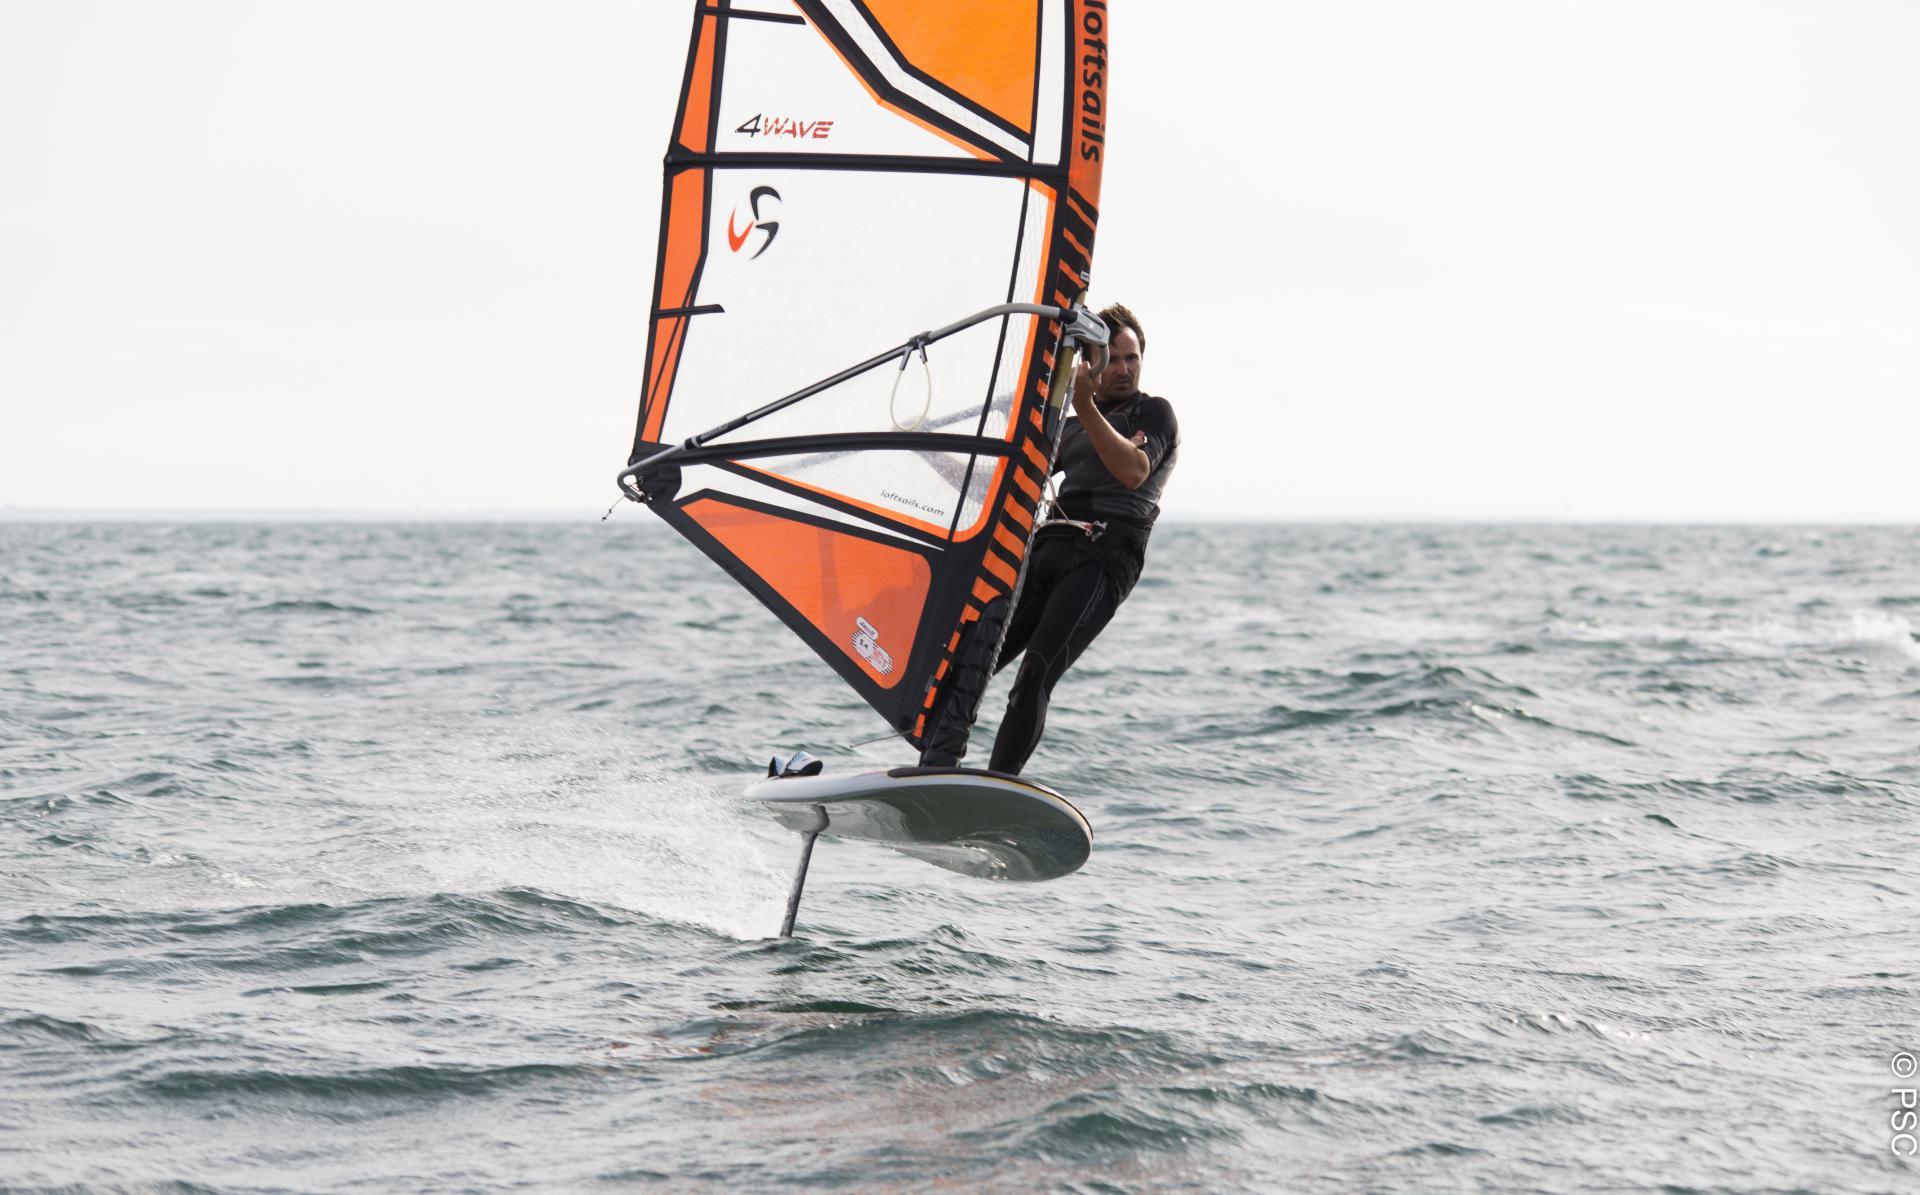 Club Nautique du Rohu - Xavier en planche à voile sur foil